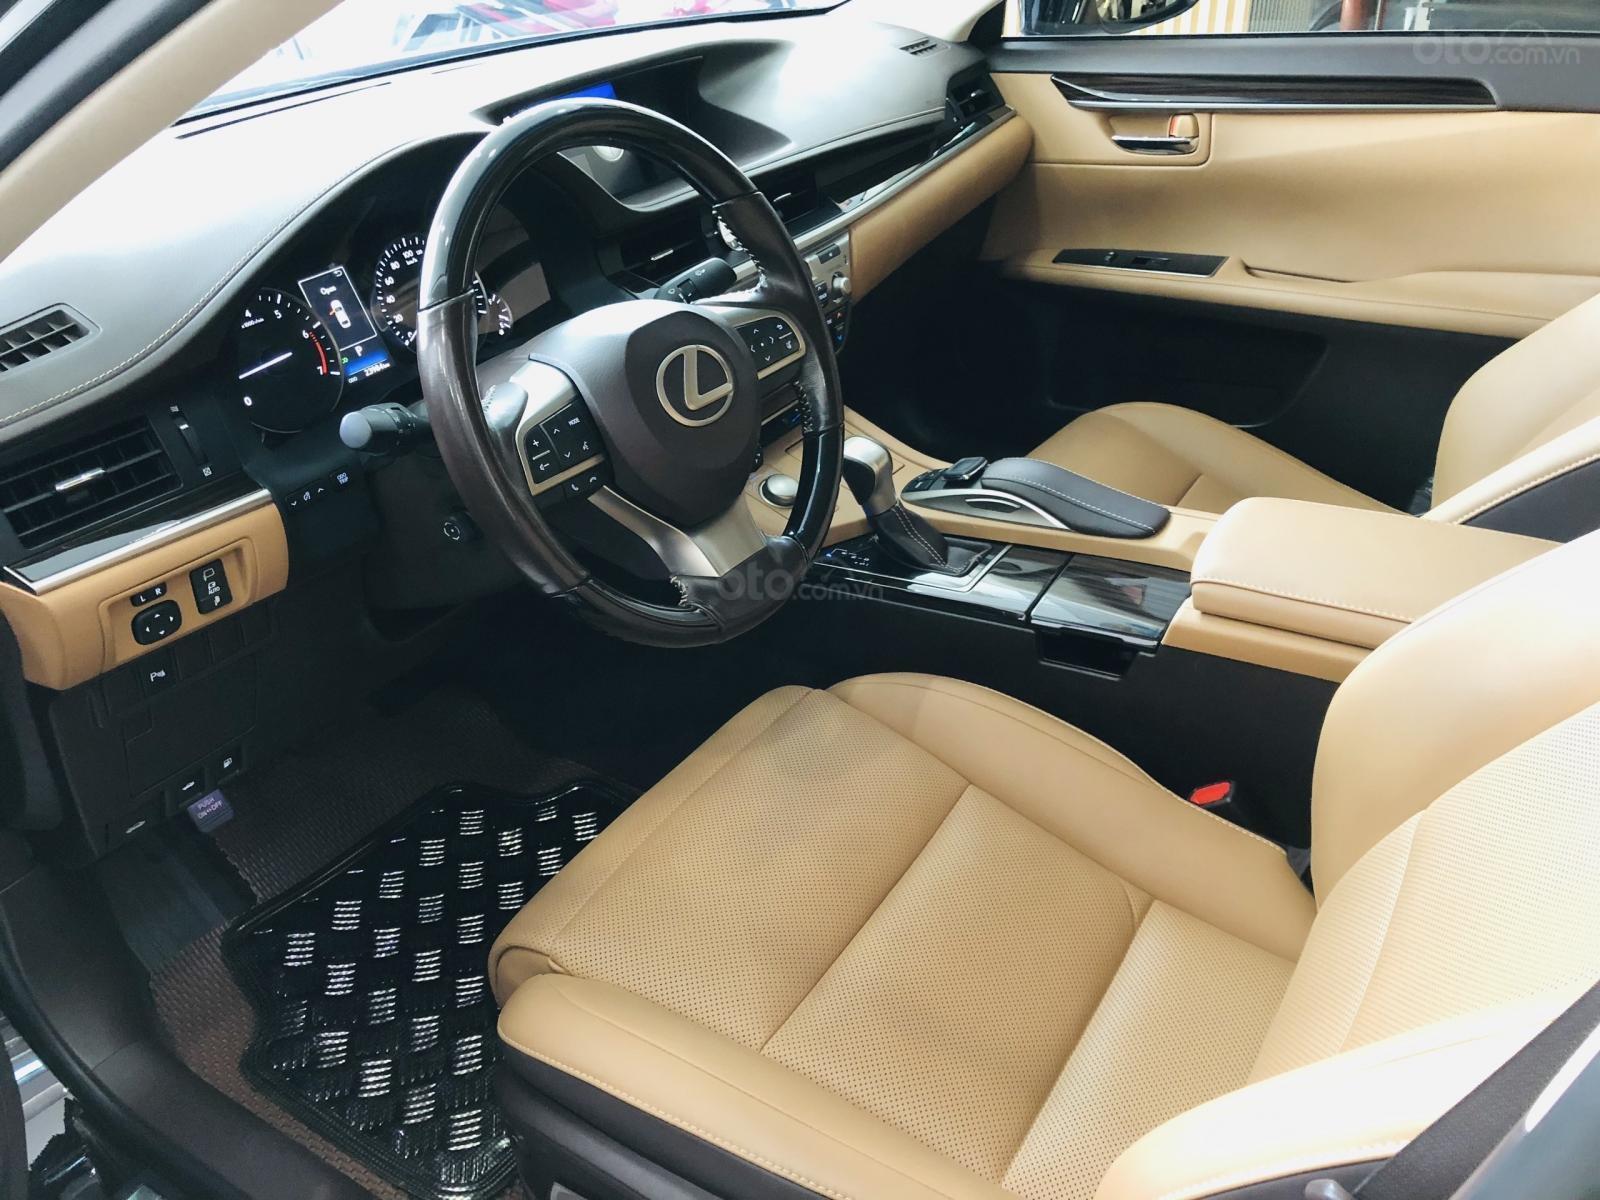 Bán Lexus ES 250 sản xuất 2016, đăng ký 2017, xe đi lướt 24.000km, bao kiểm tra hãng, tiết kiệm so với xe mới 700 triệu-5